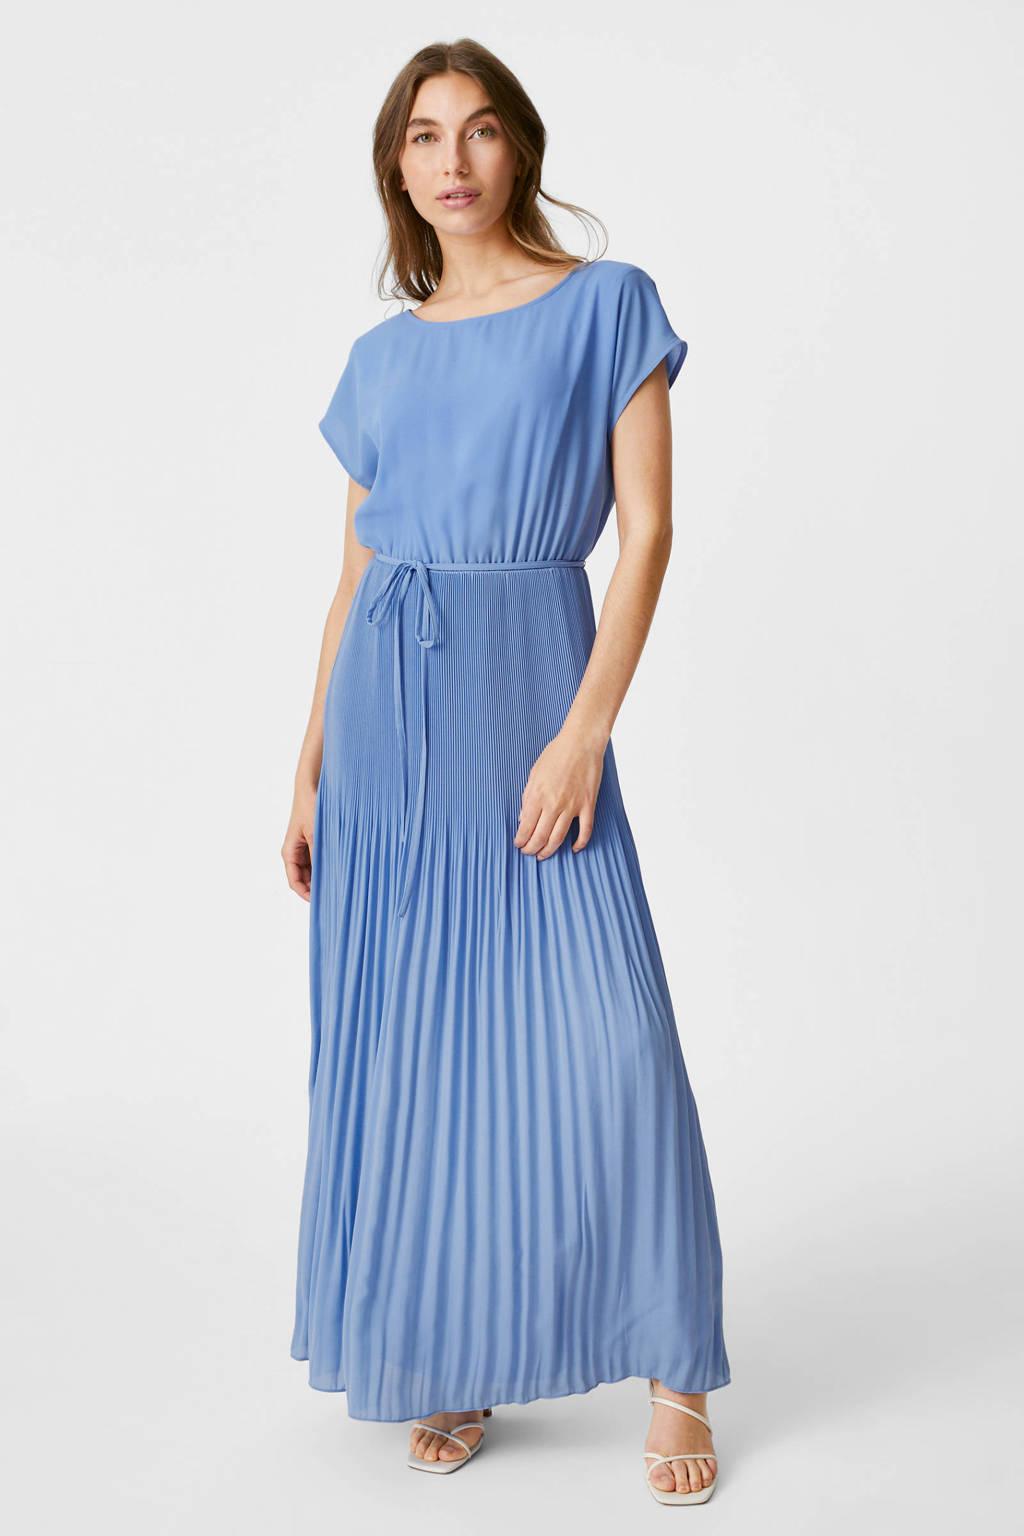 C&A YESSICA PREMIUM maxi A-lijn jurk van gerecycled polyester lichtblauw, Lichtblauw